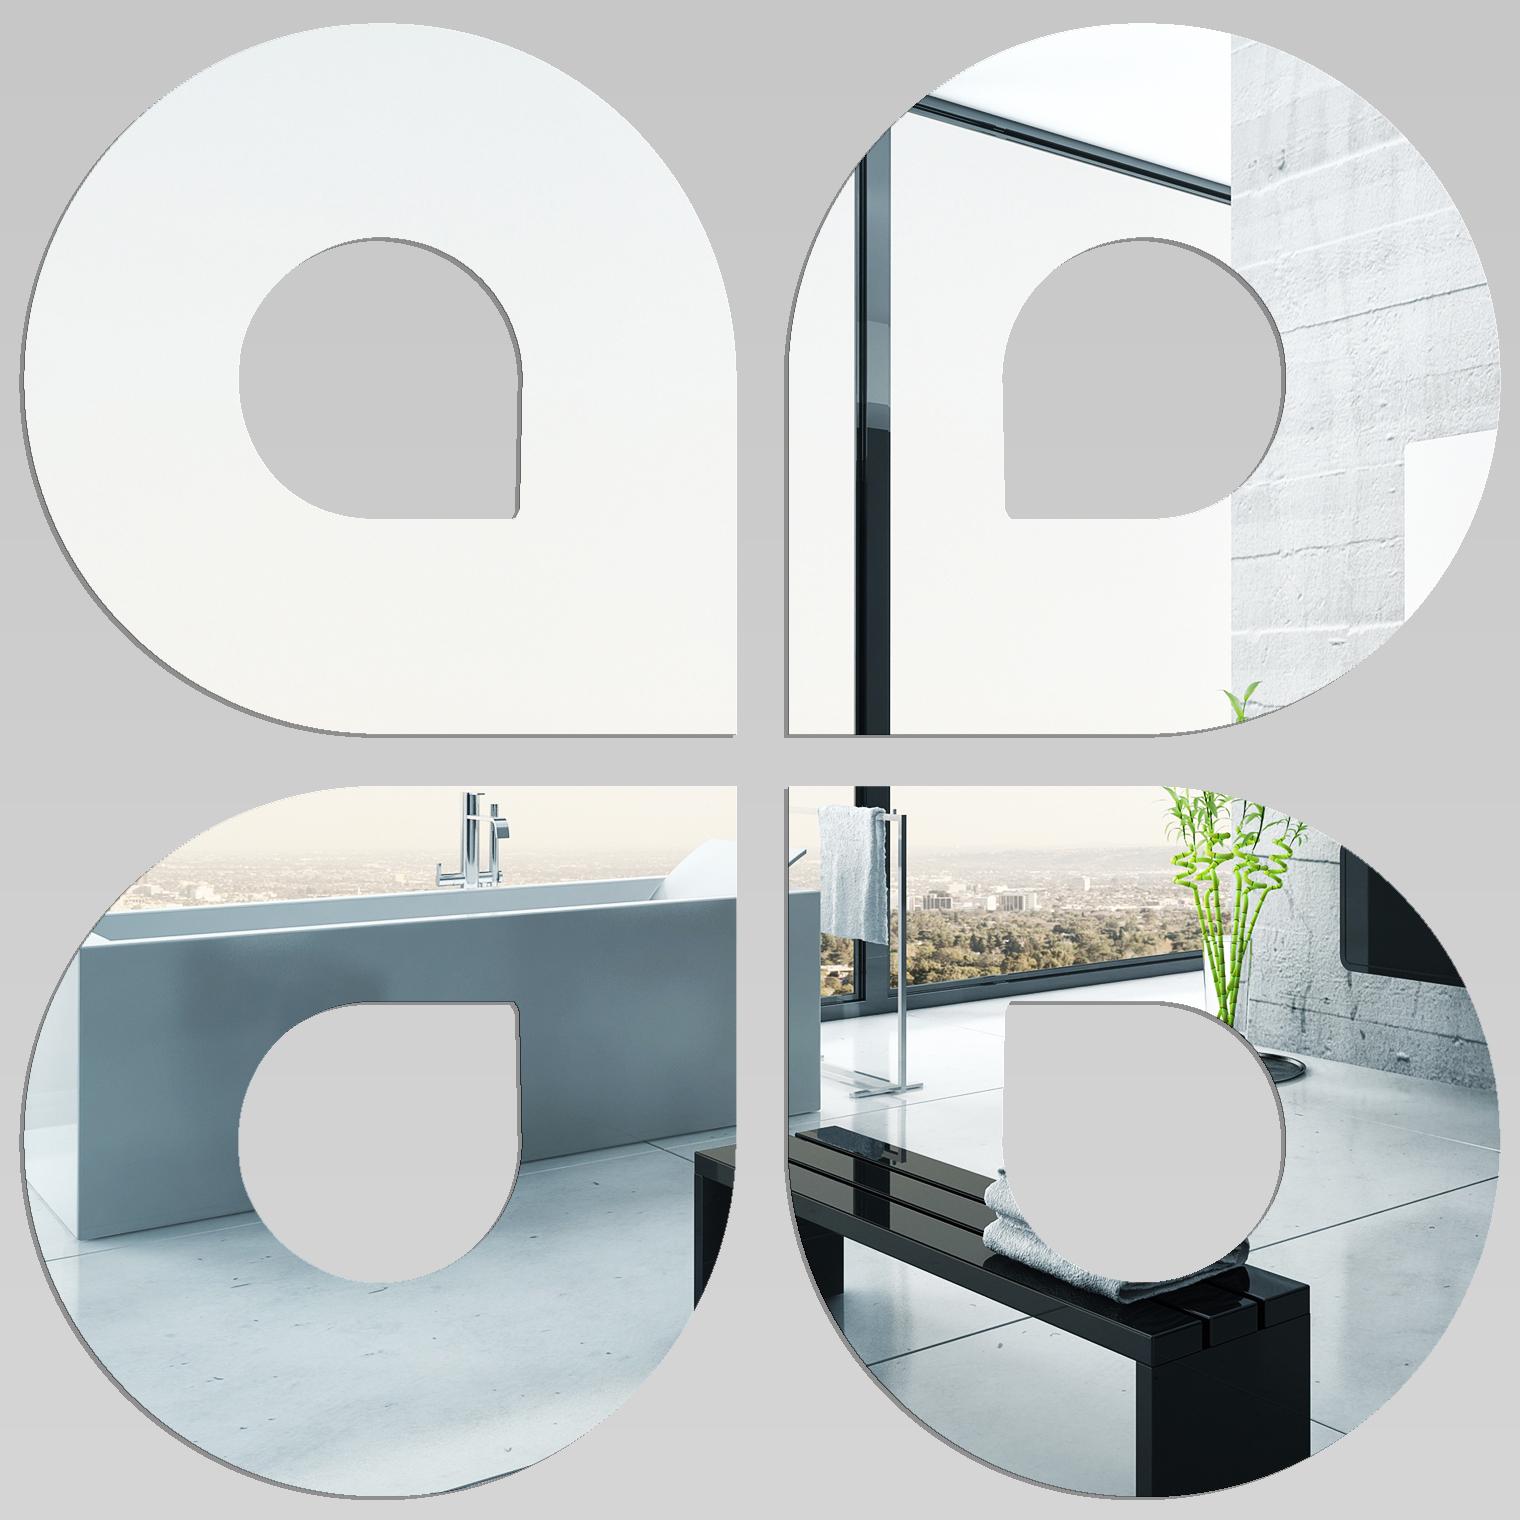 Adesivi Follia Specchio Acrilico Plexiglass Gocce